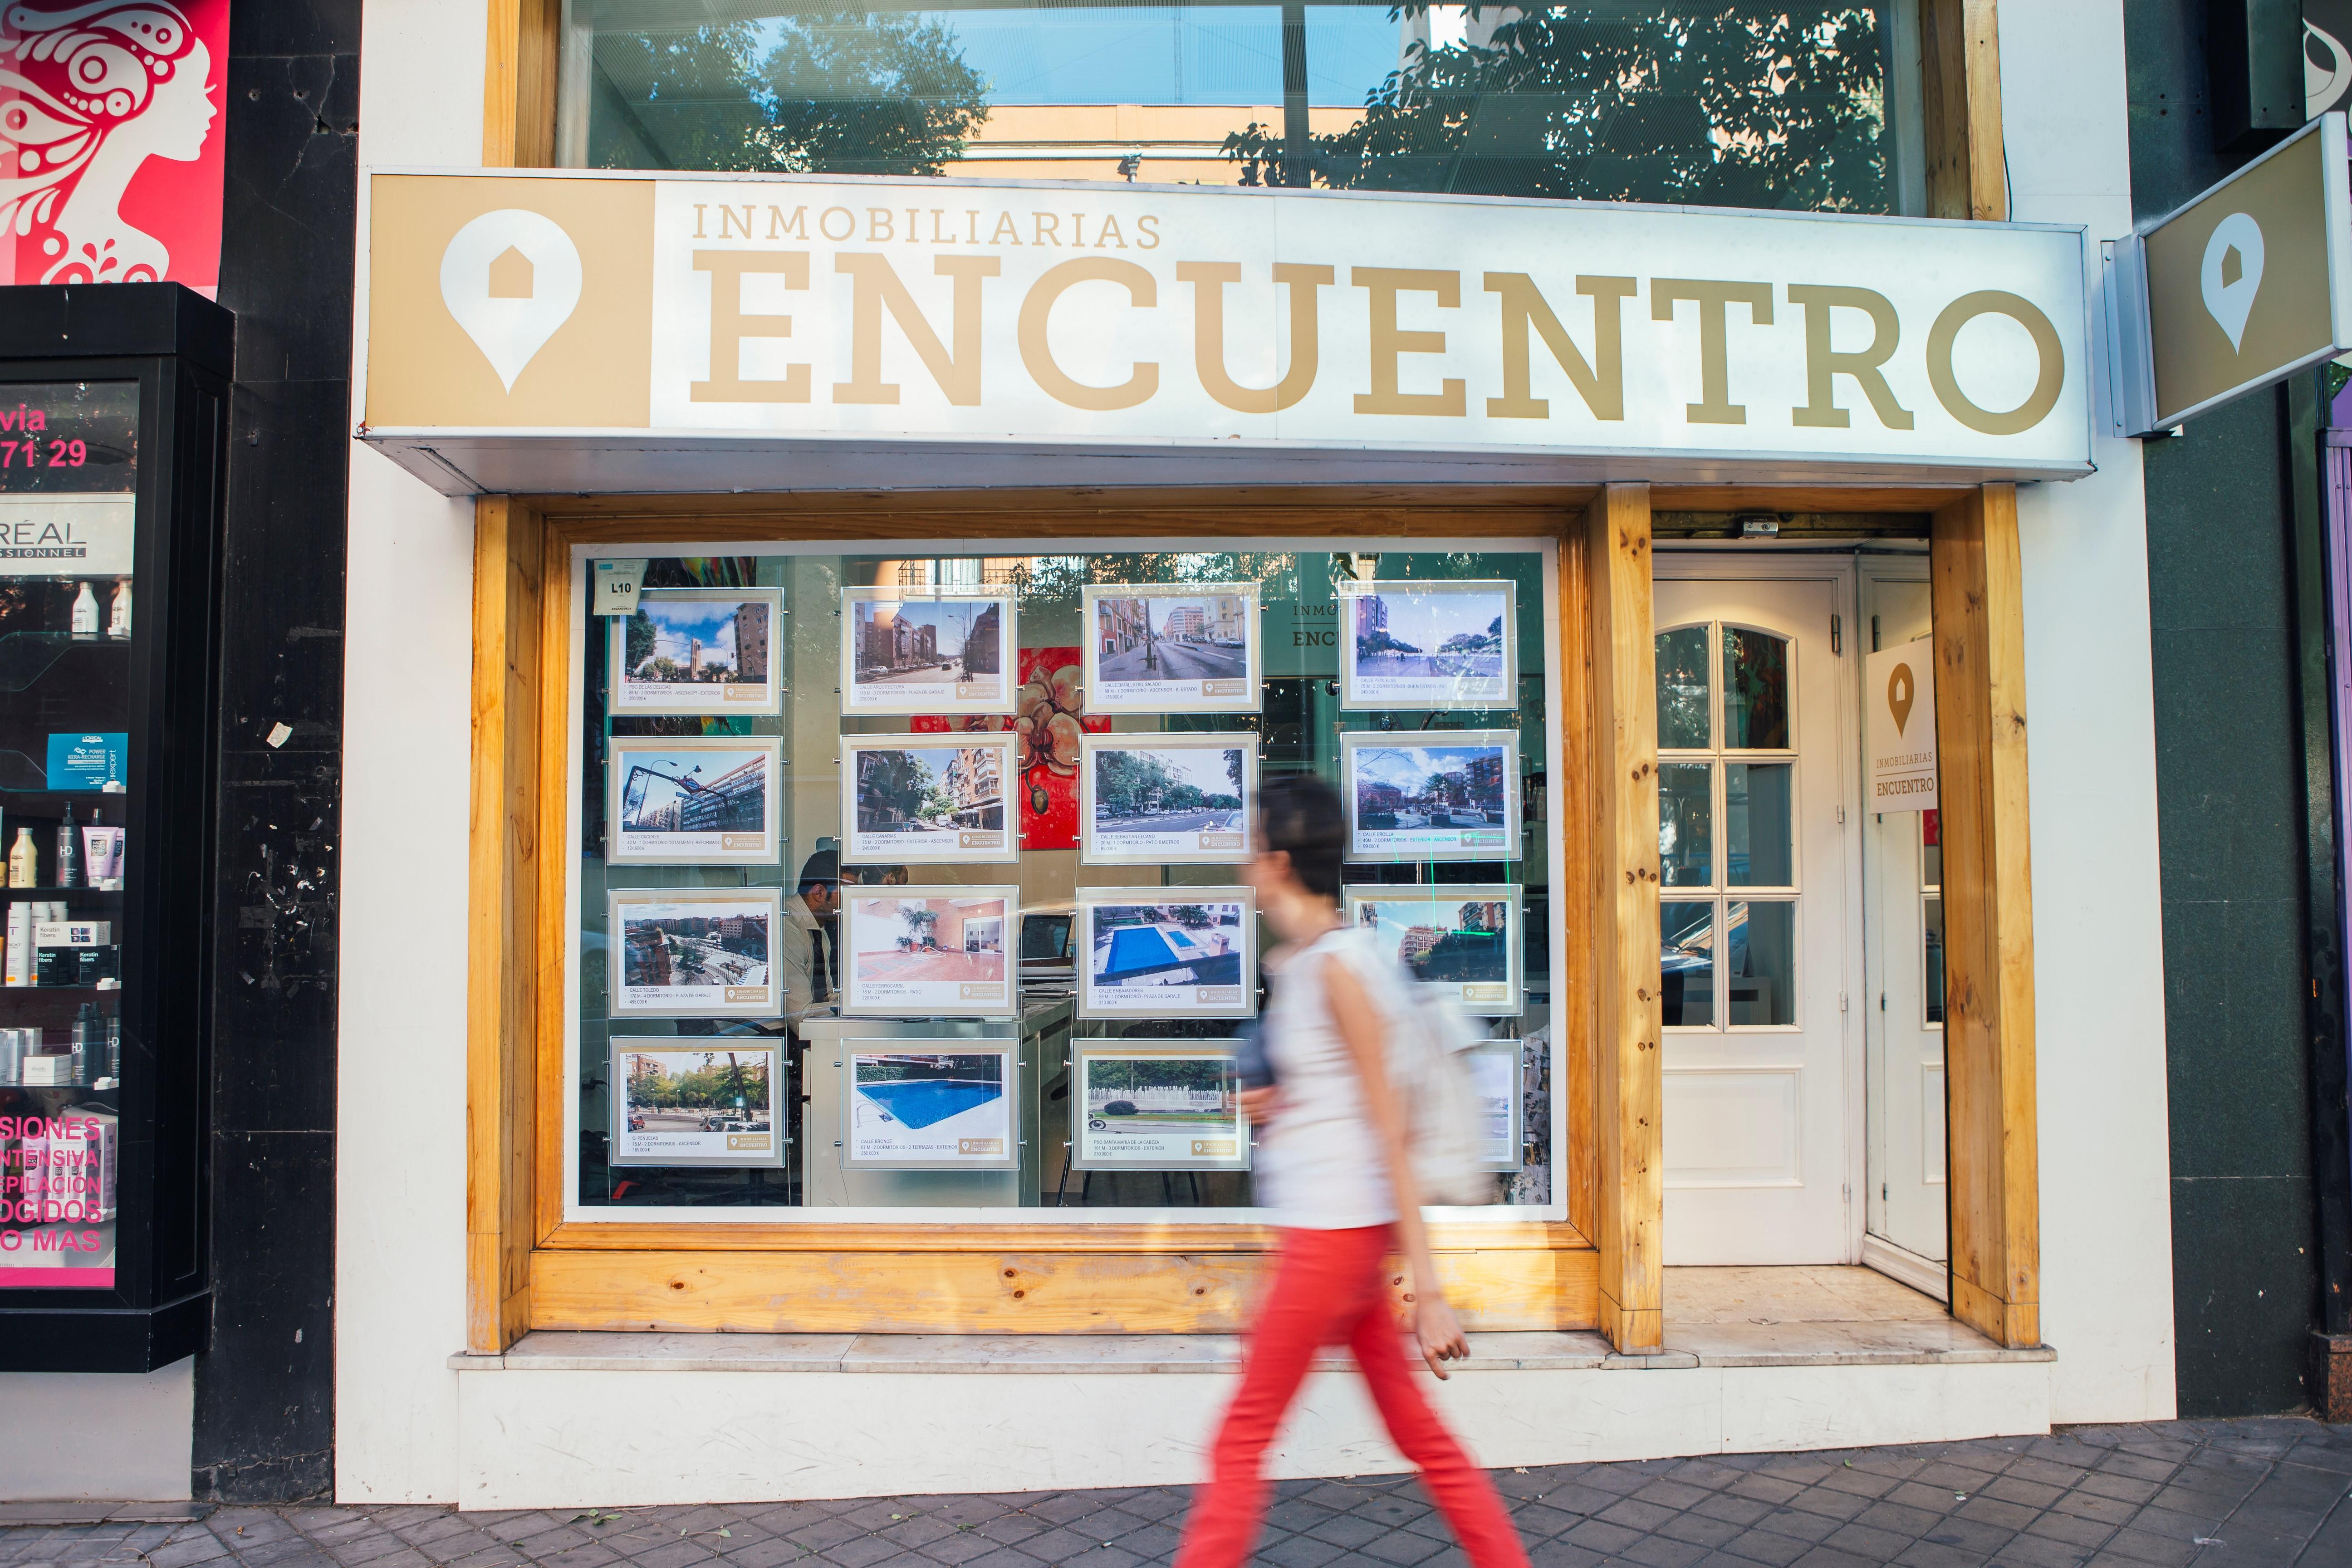 Inmobiliarias Encuentro